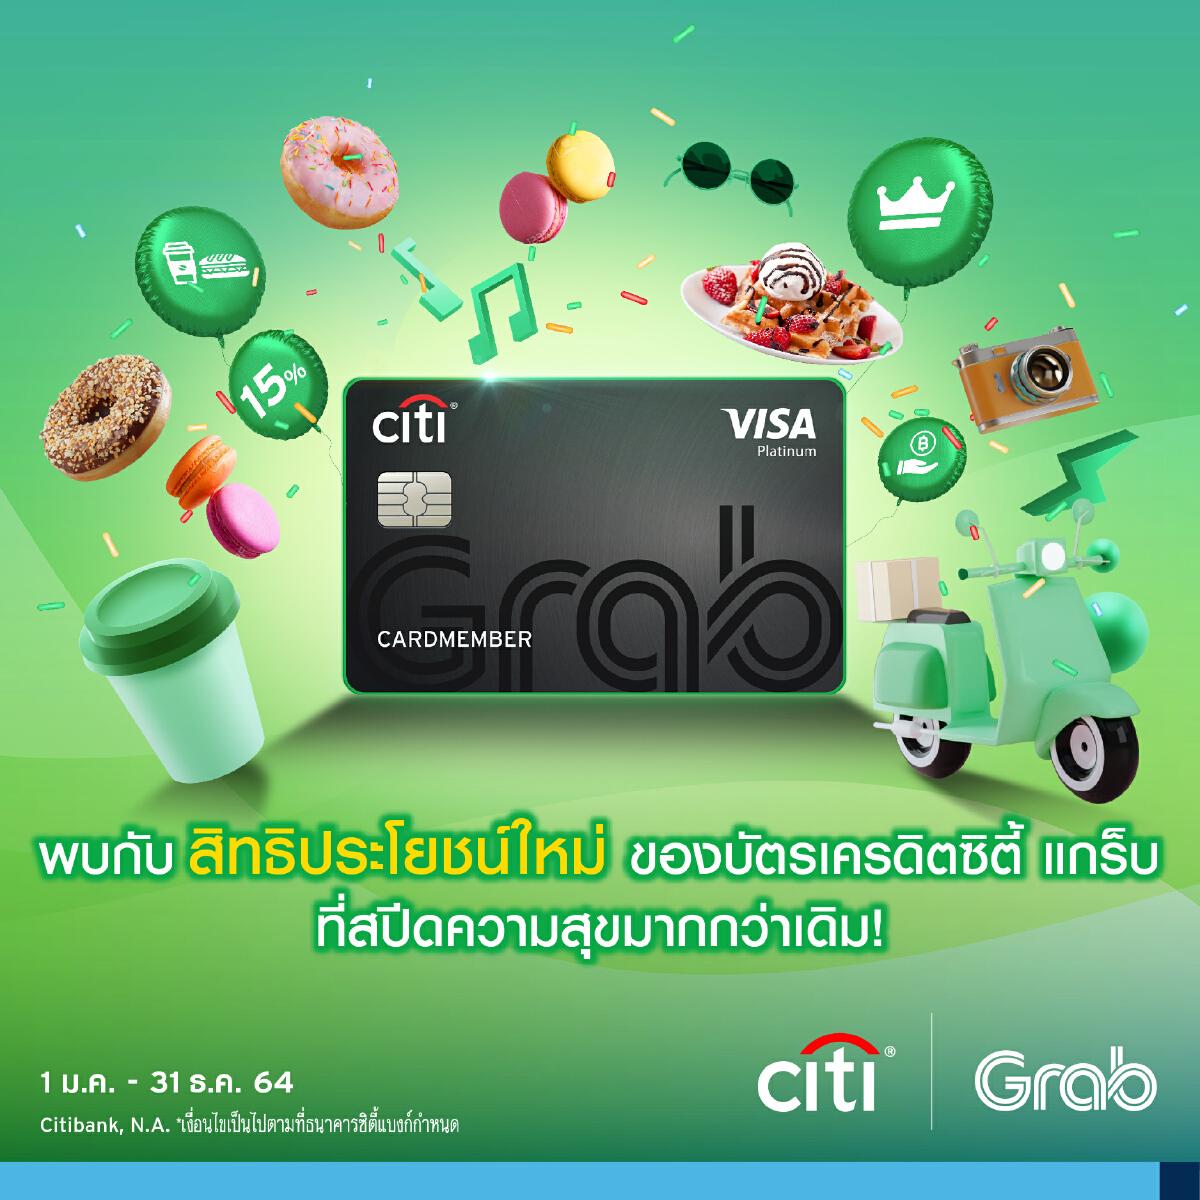 บัตรเครดิตCiti Grab มอบสิทธิประโยชน์ใหม่สุดคุ้มค่าให้ลูกค้ารับปีใหม่